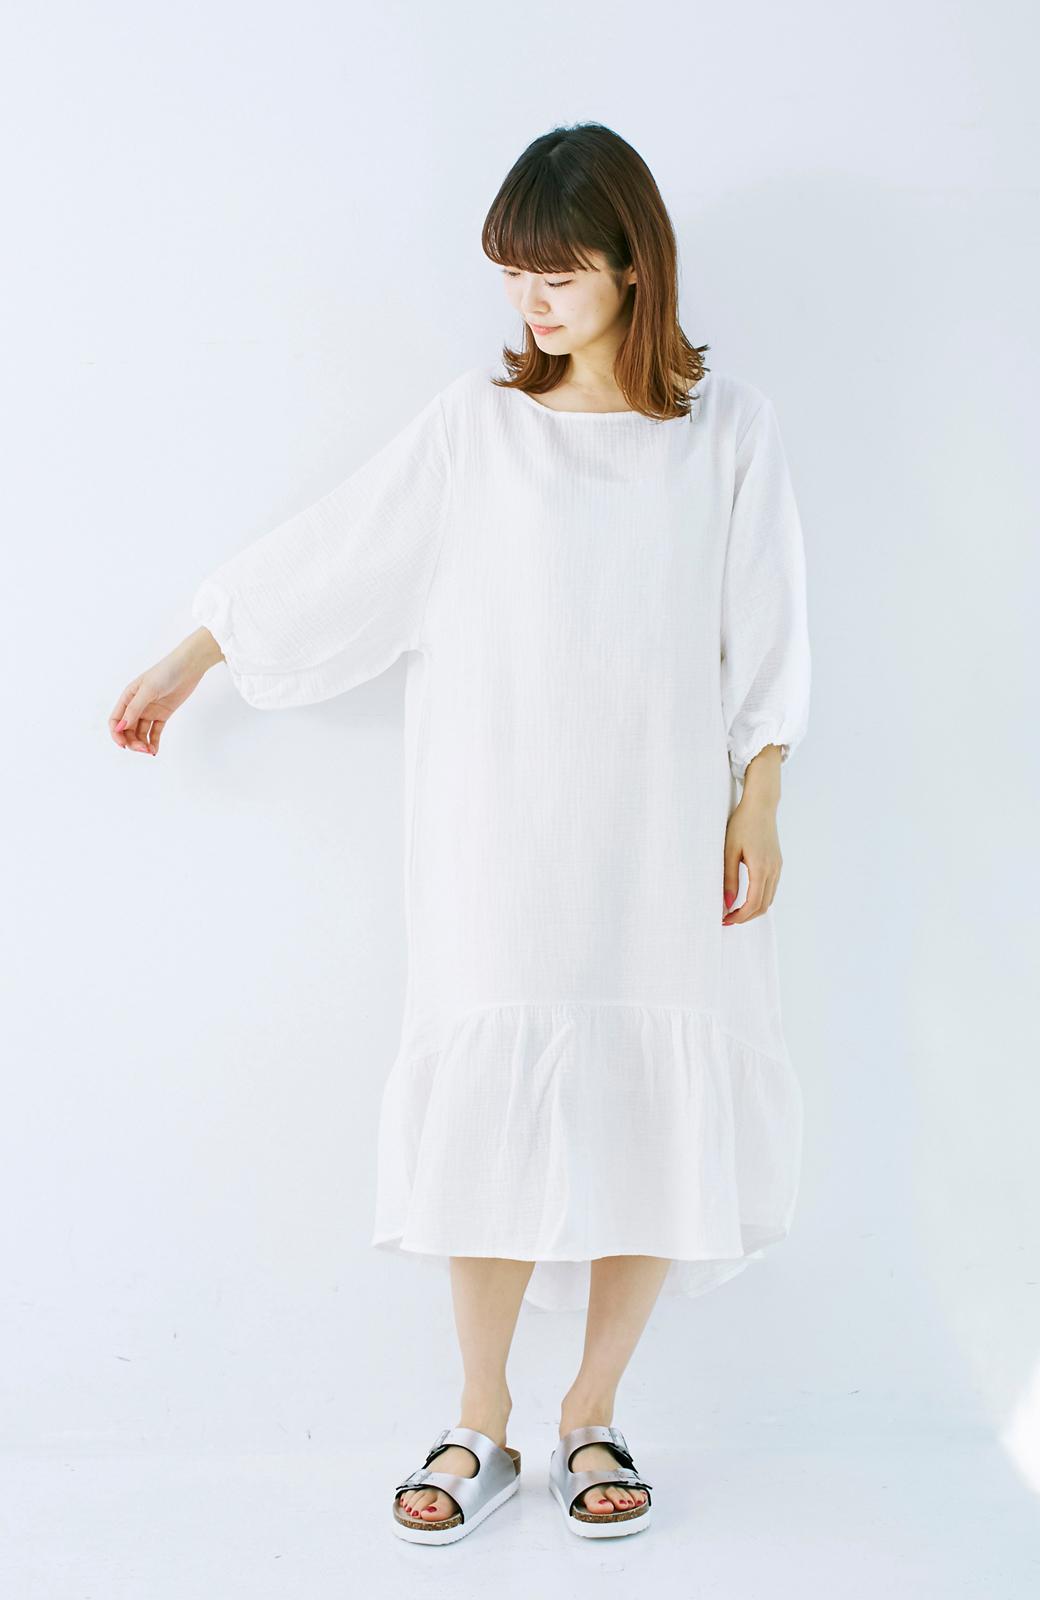 nusy すぽっと着られて着心地さわやか ぽんわり袖ガーゼワンピース <ホワイト>の商品写真7